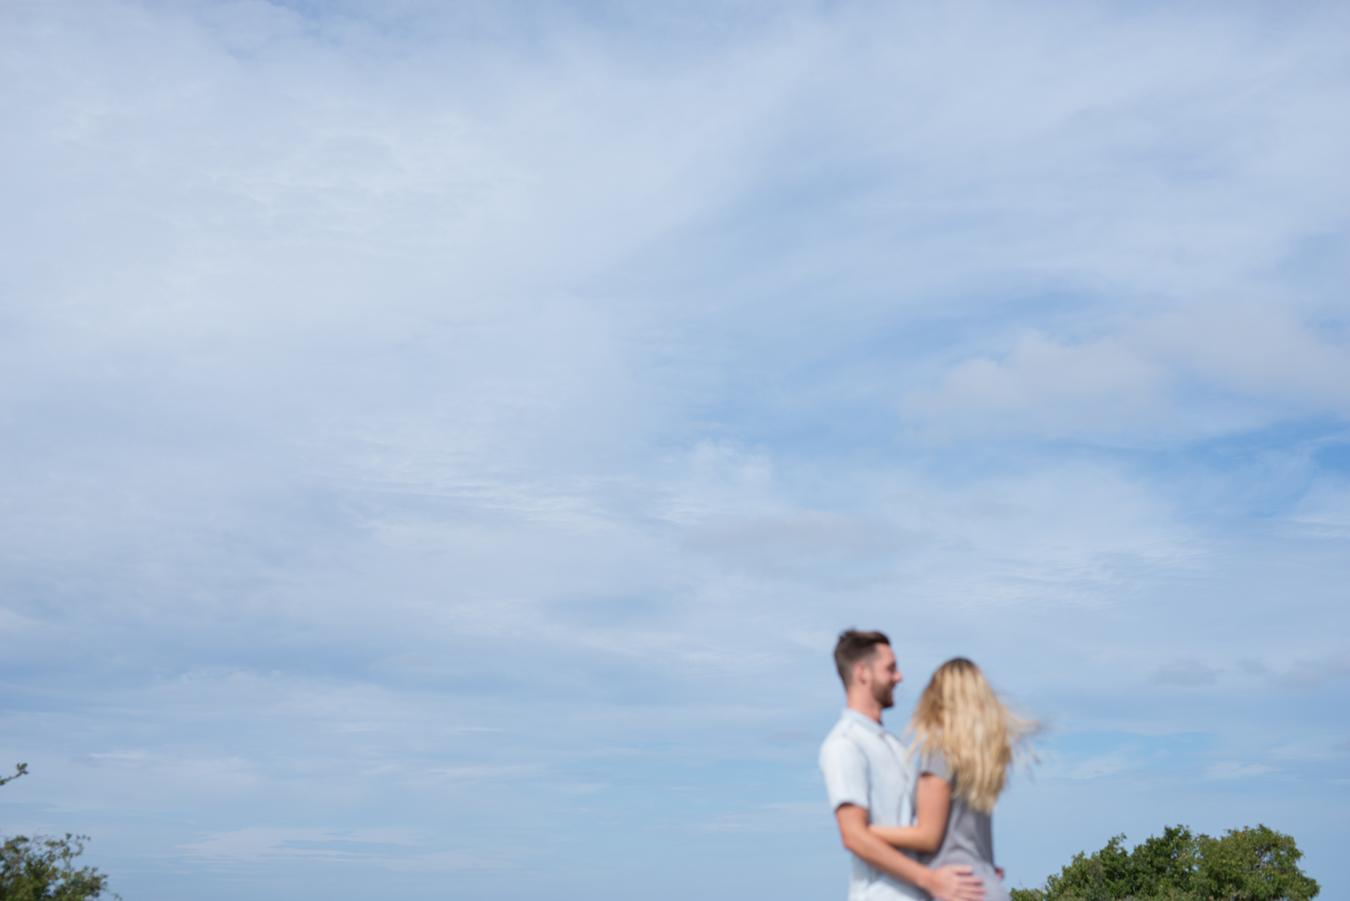 028-kärleksfotografering-gotland-neas-fotografi.jpg